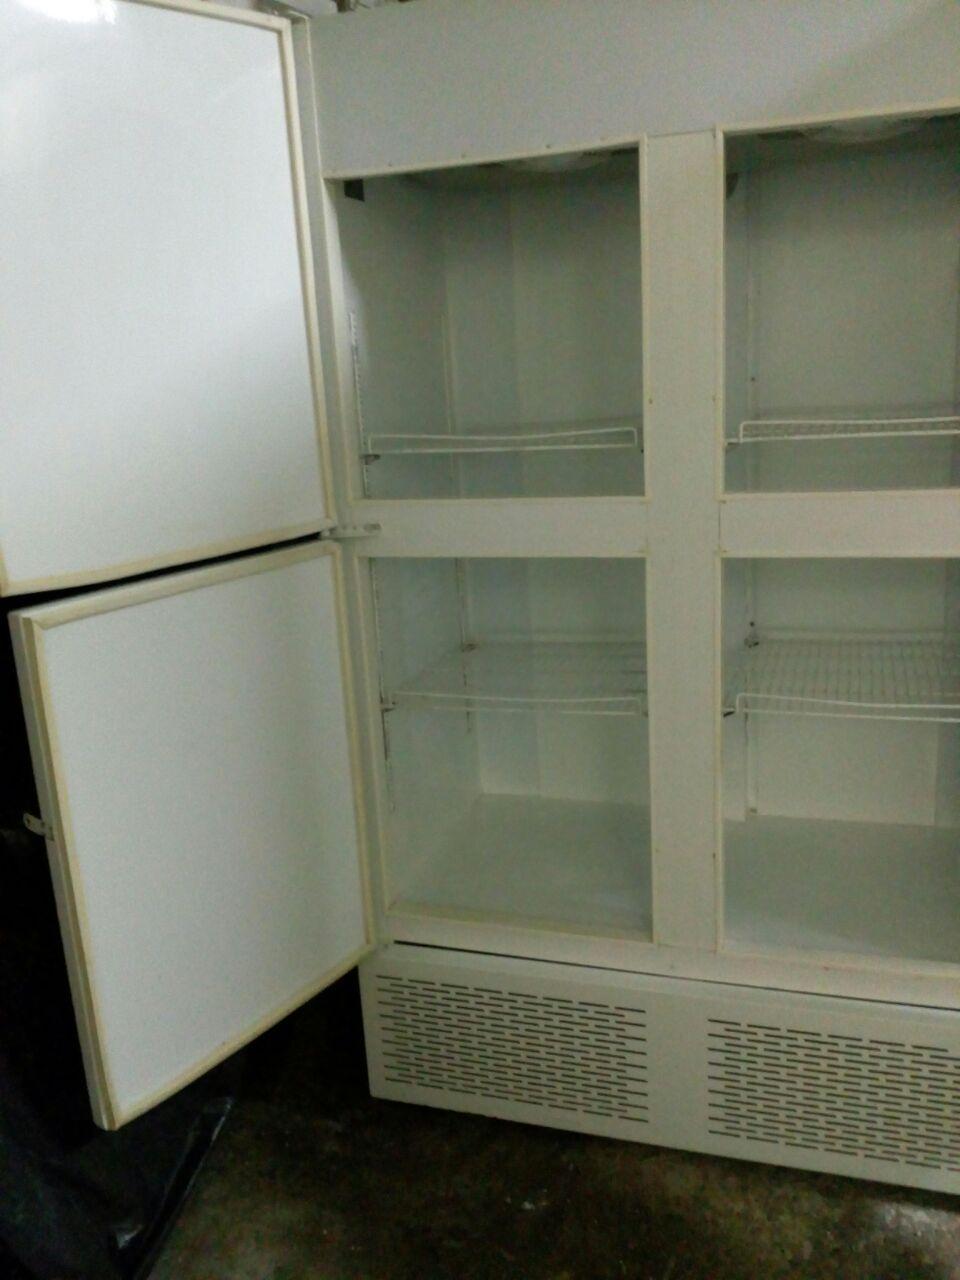 инструкция по использованию холодильника sfa cool cmv 550